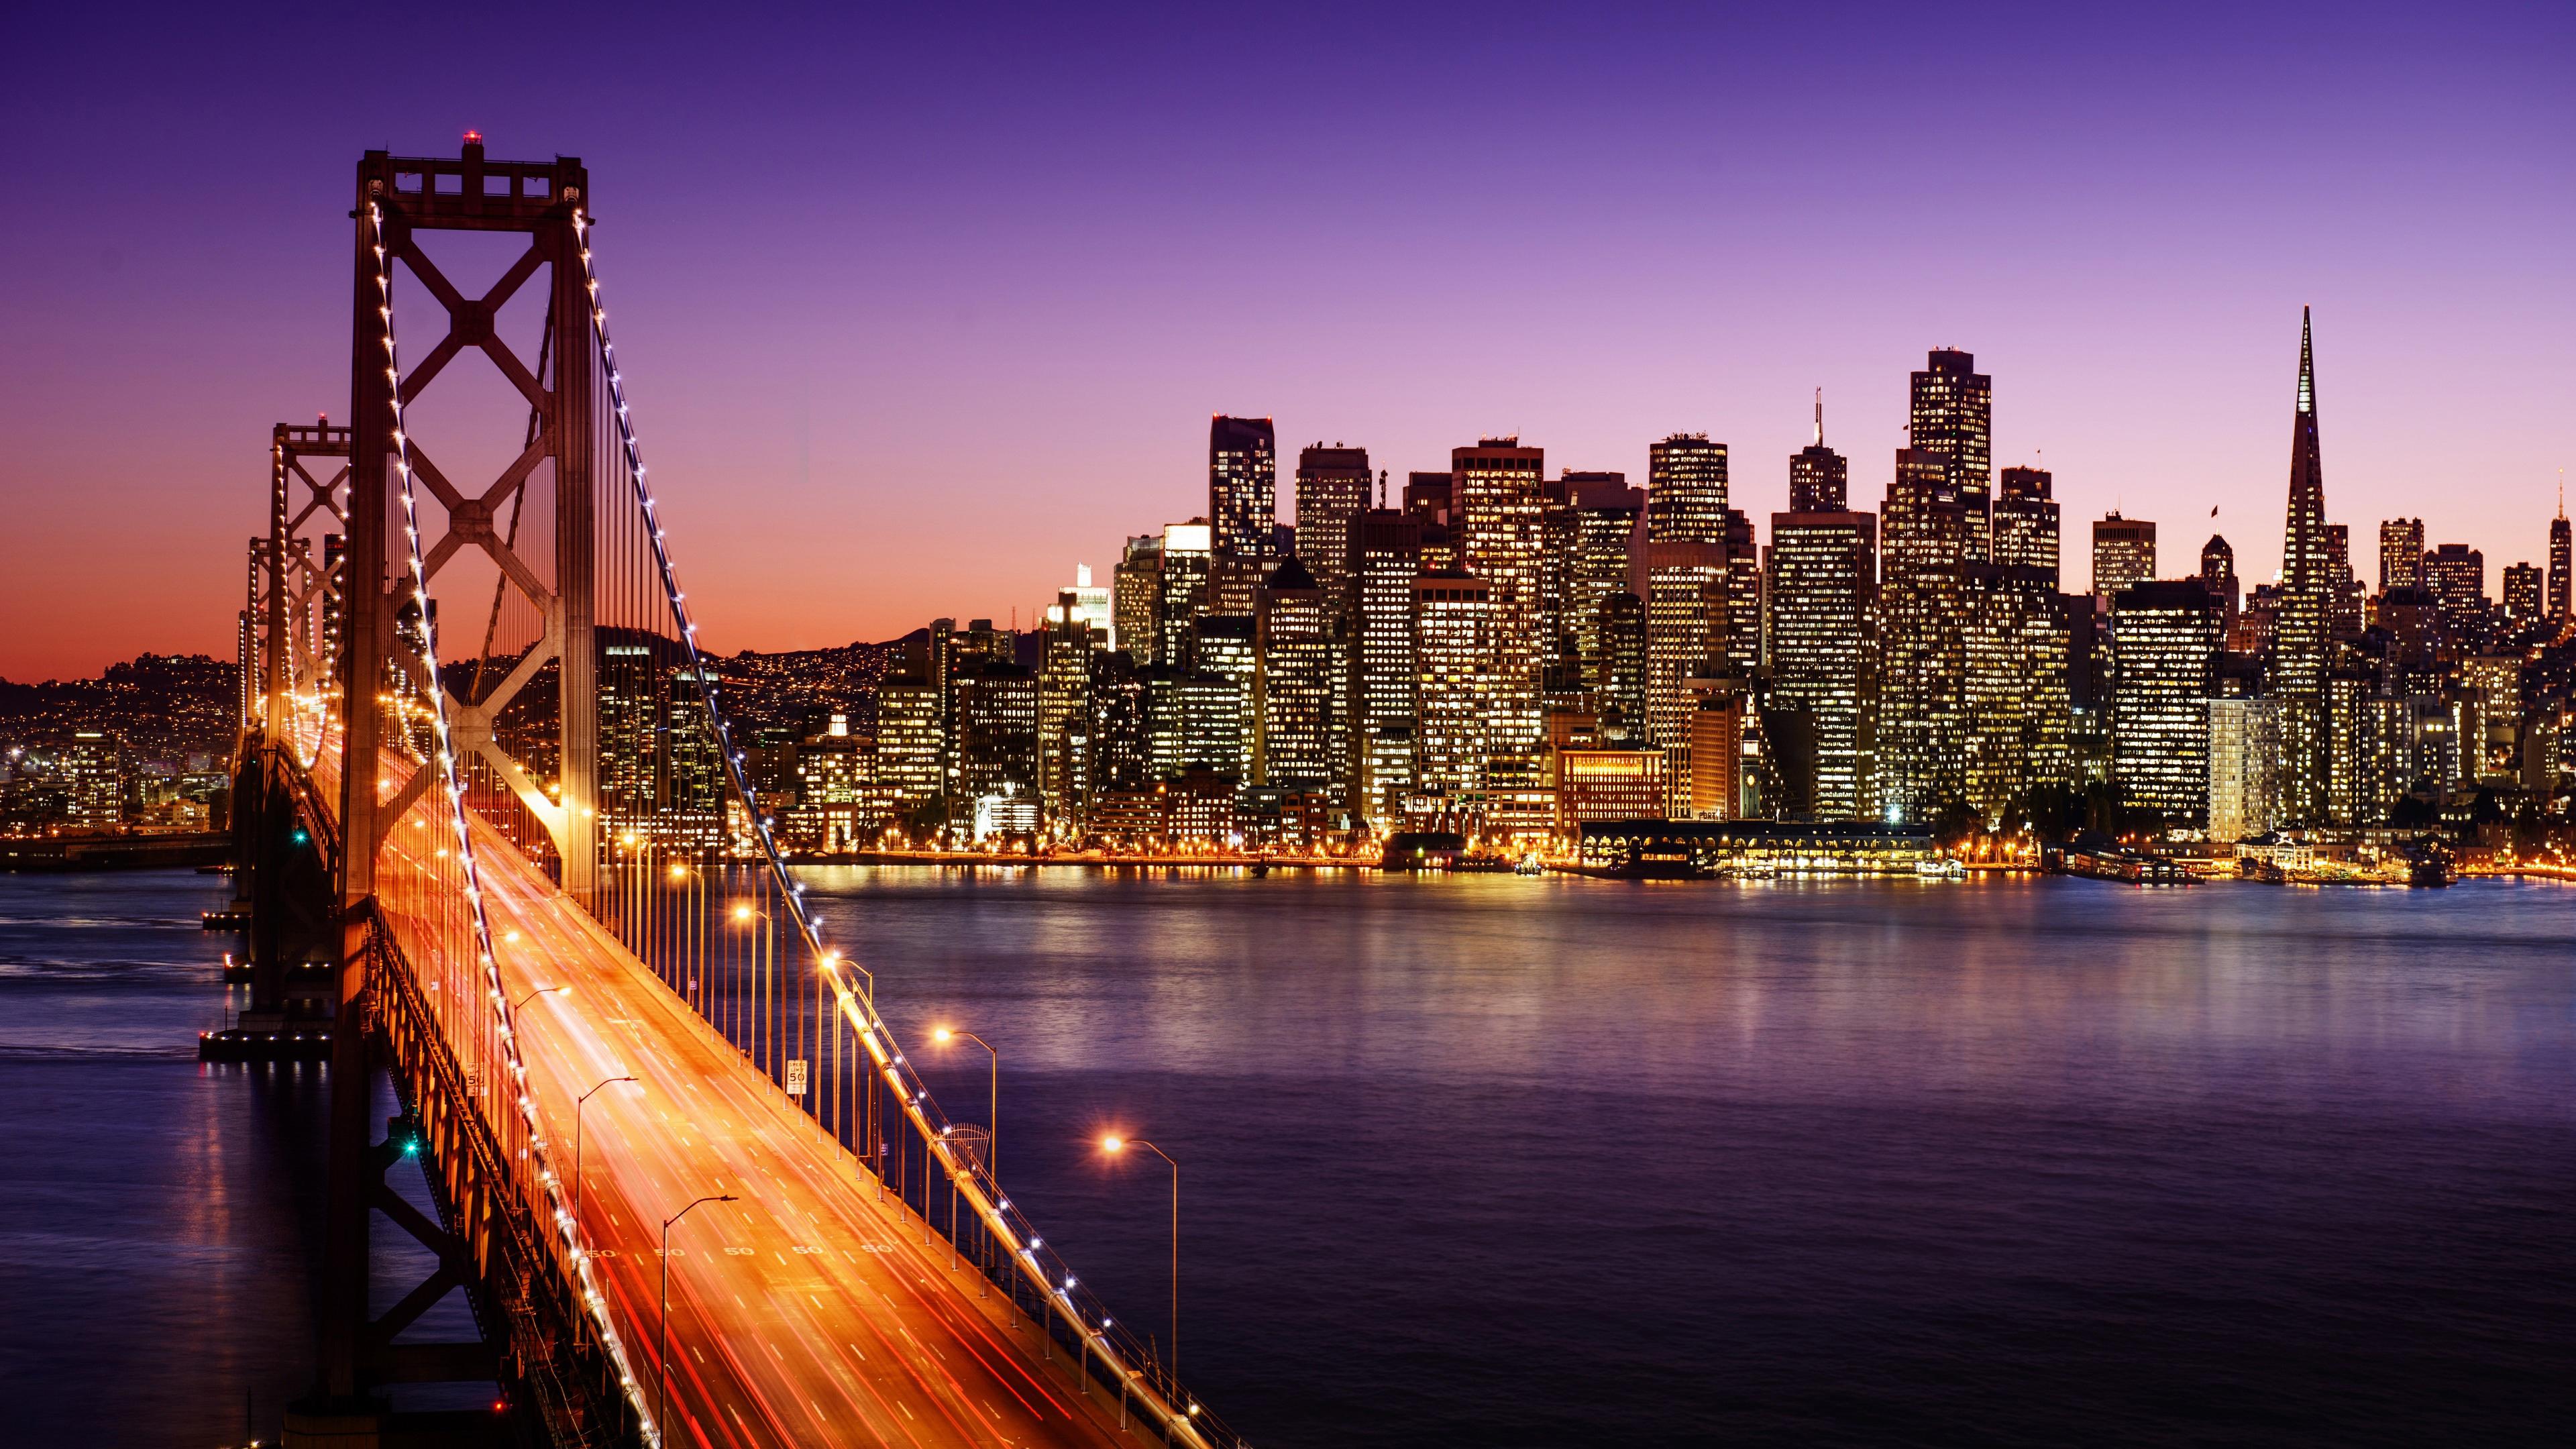 Обои фонари, вечерний город, ночной город. Города foto 19